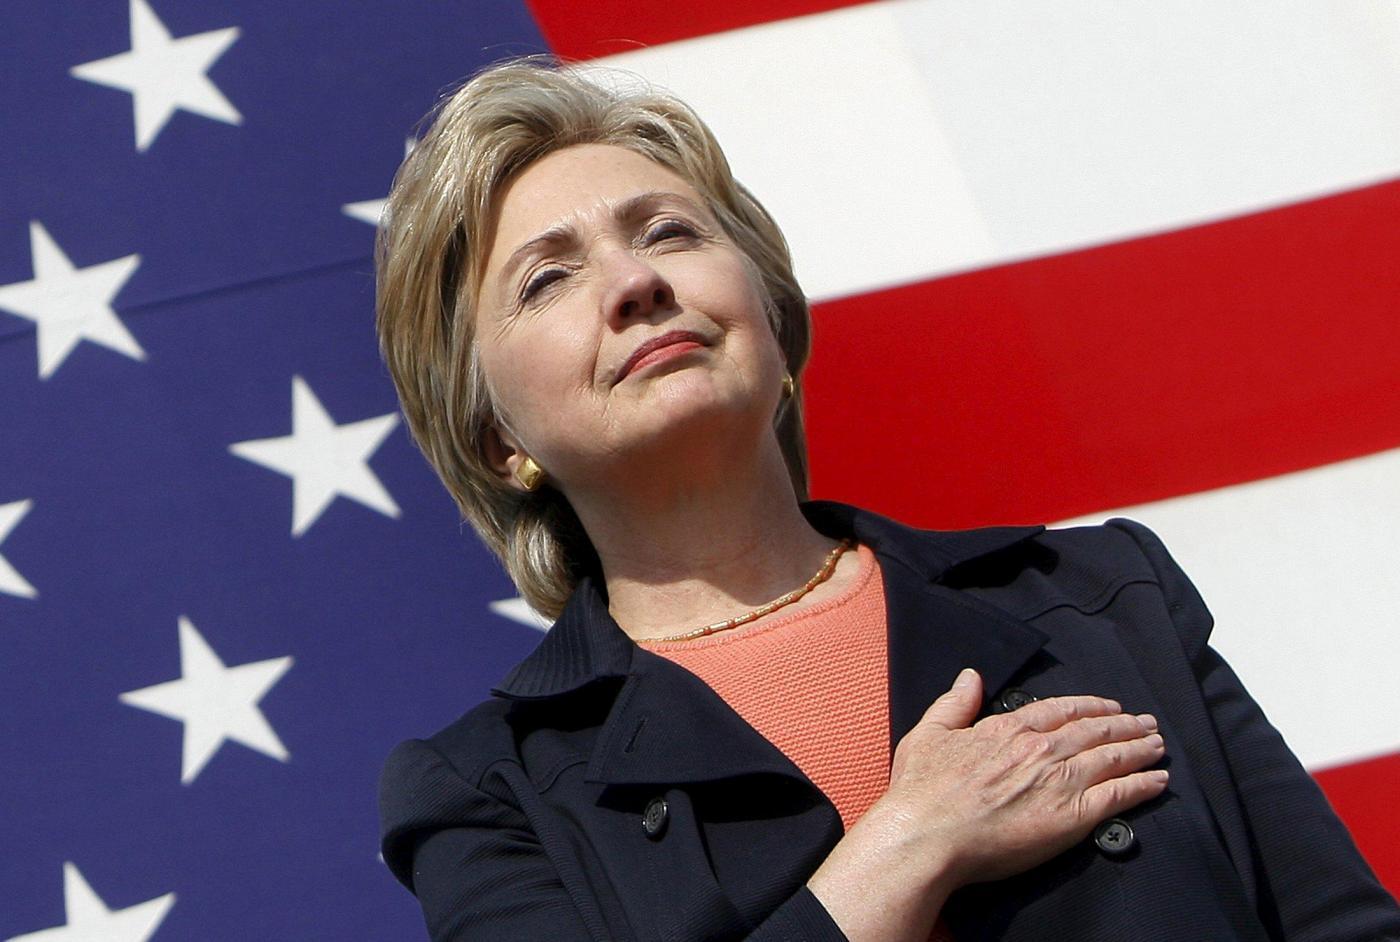 Hillary Clinton presidenziali 2016: biografia della candidata democratica alla Casa Bianca